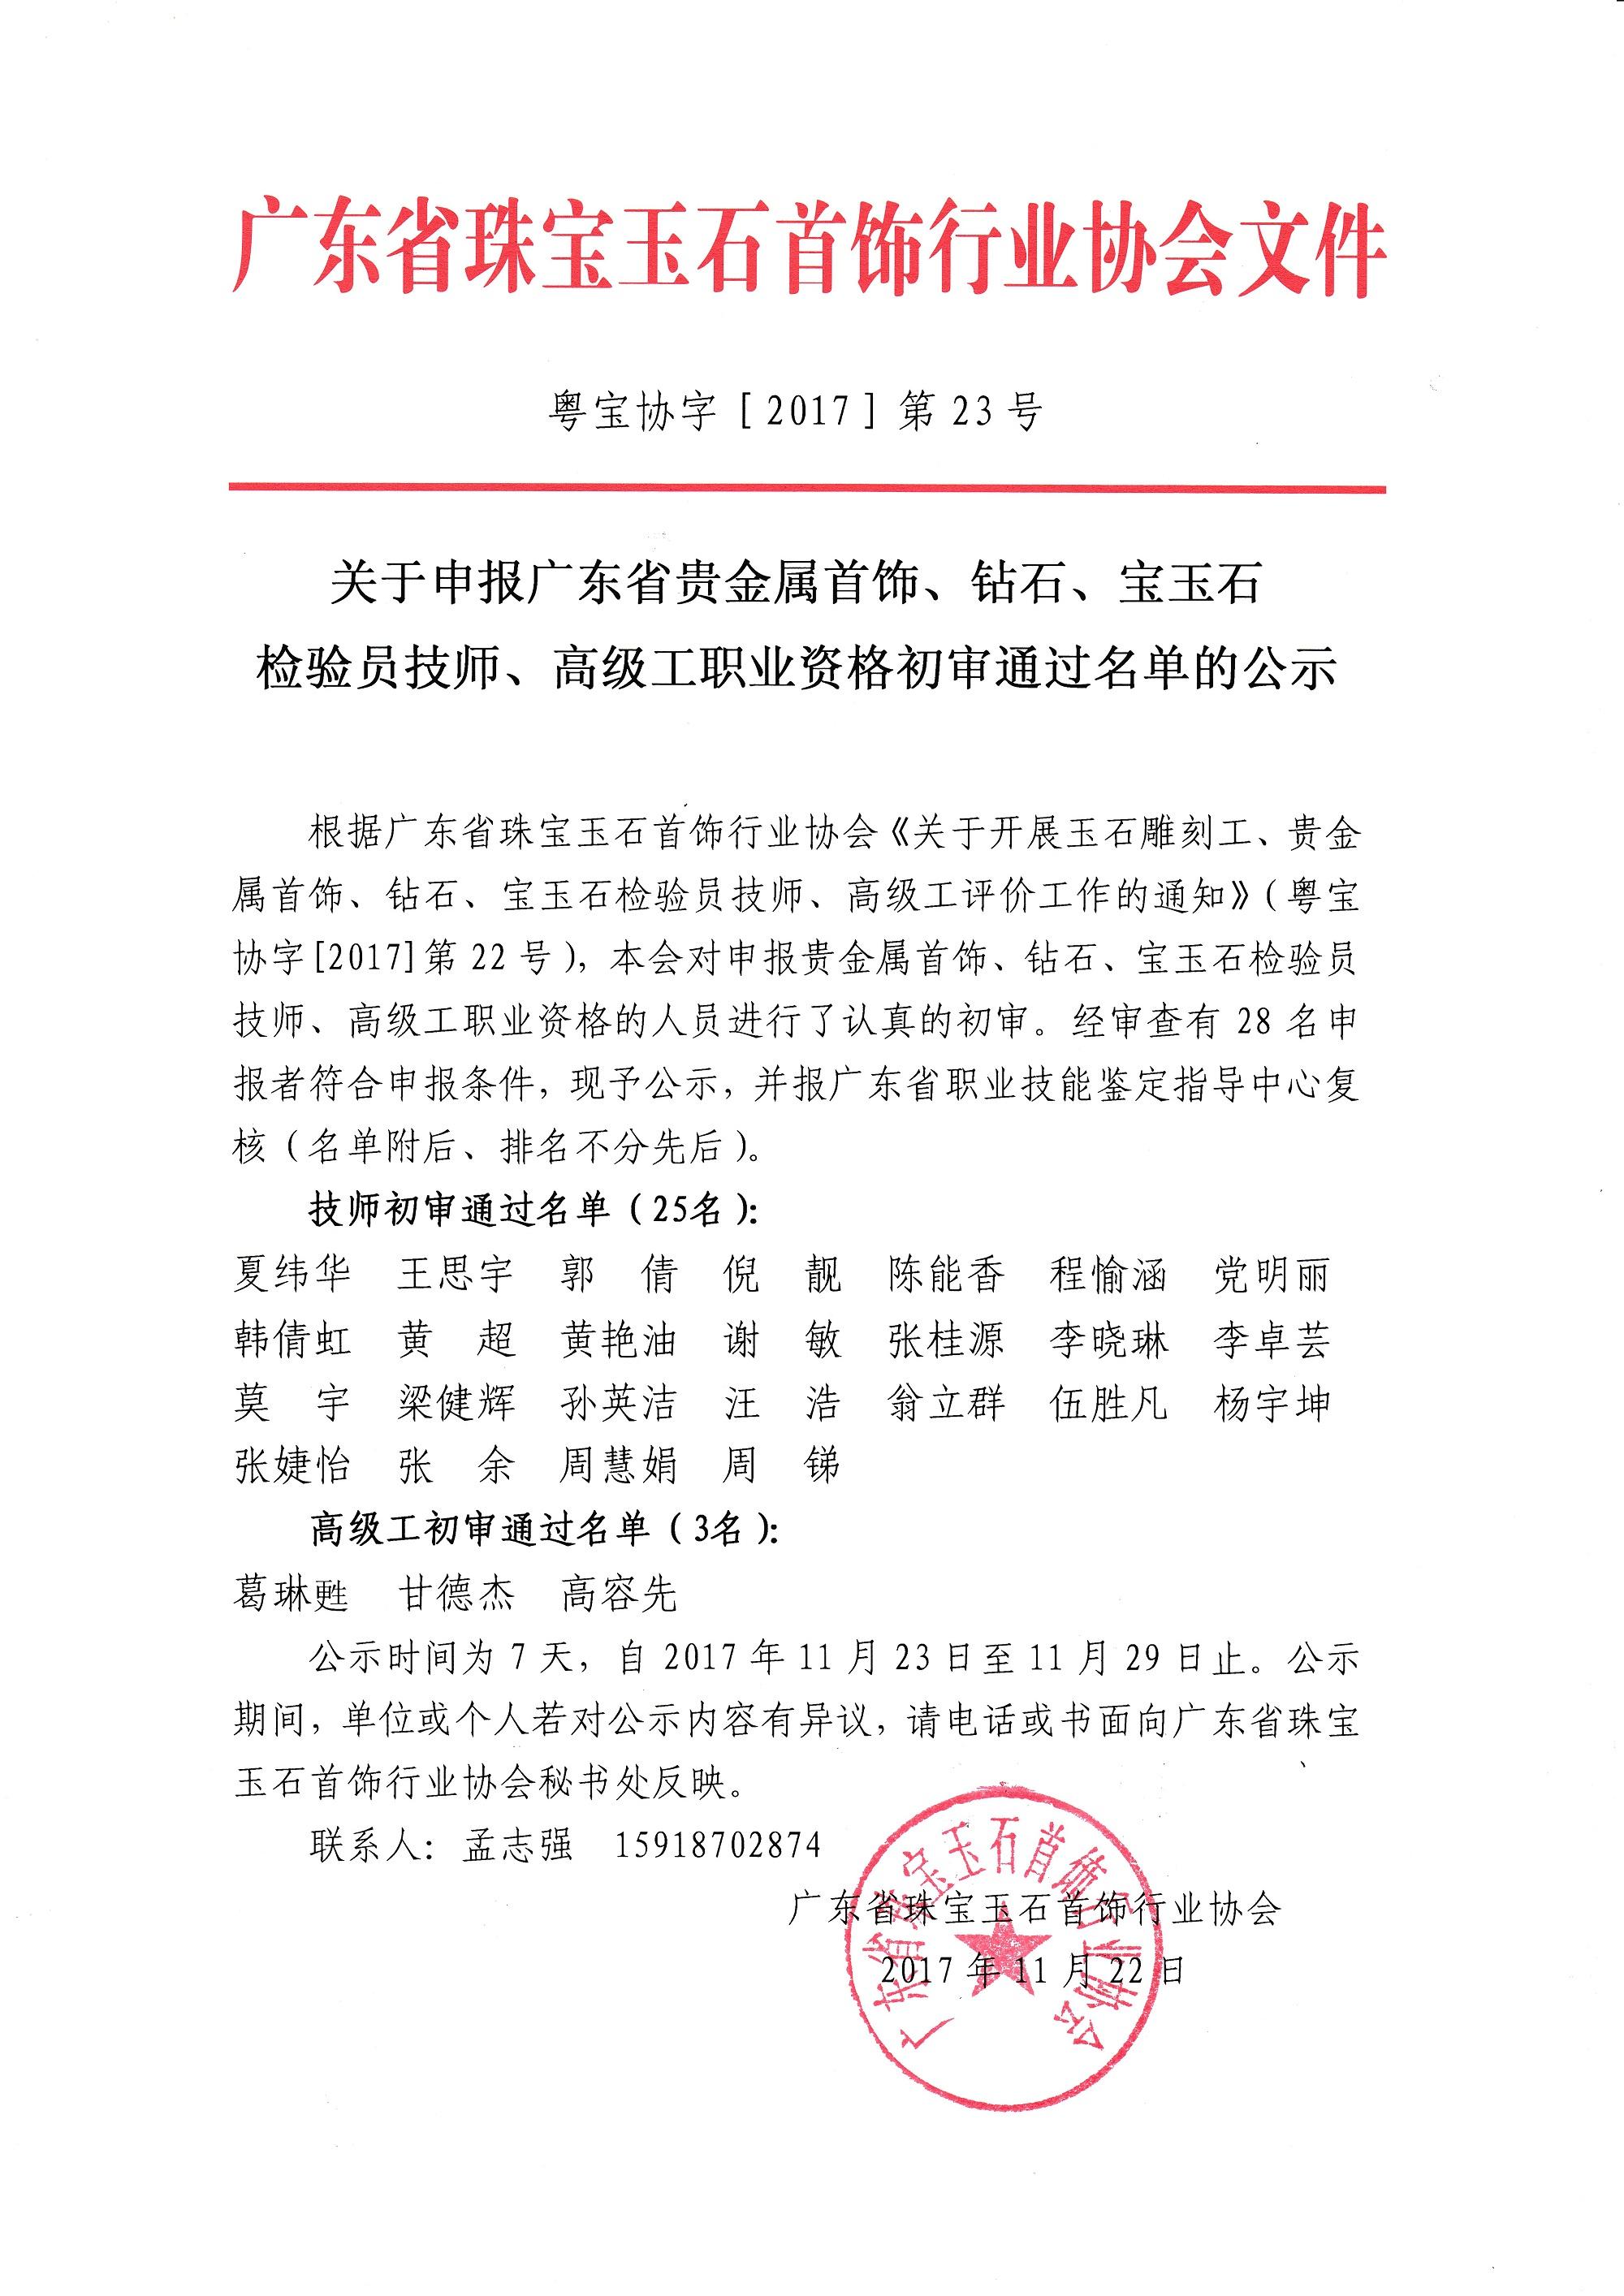 关于申报广东省贵金属首饰、钻石、宝玉石检验员技师、高级工职业资格初审通过名单的公示